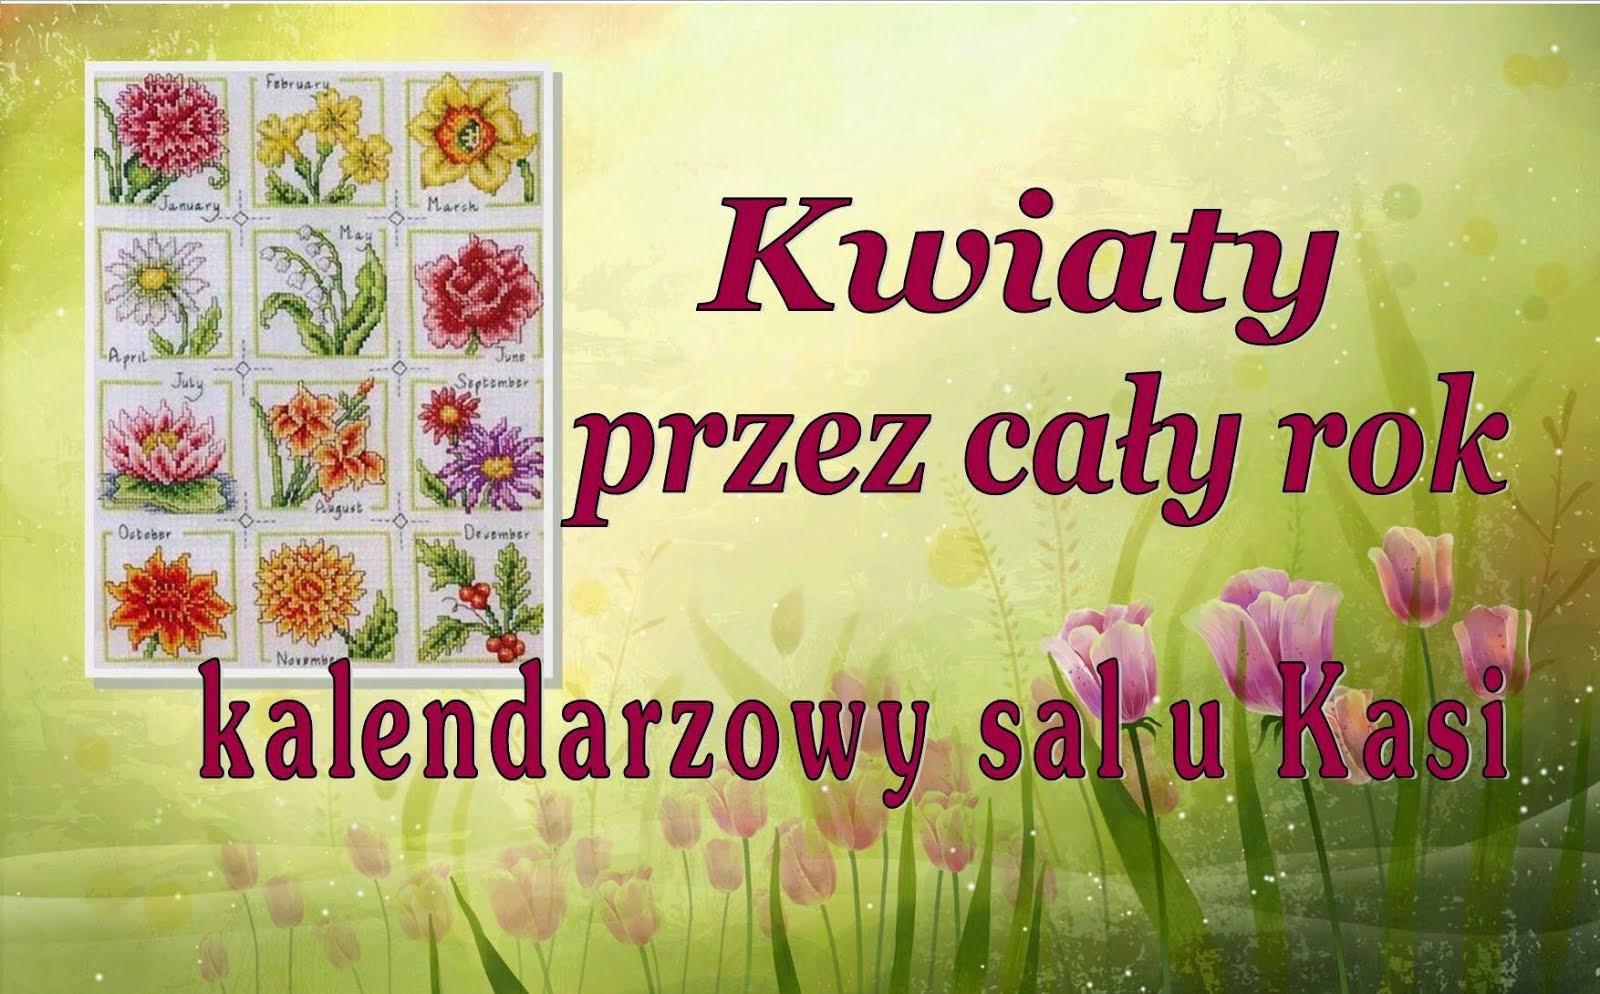 Kwiaty przez cały rok - sal